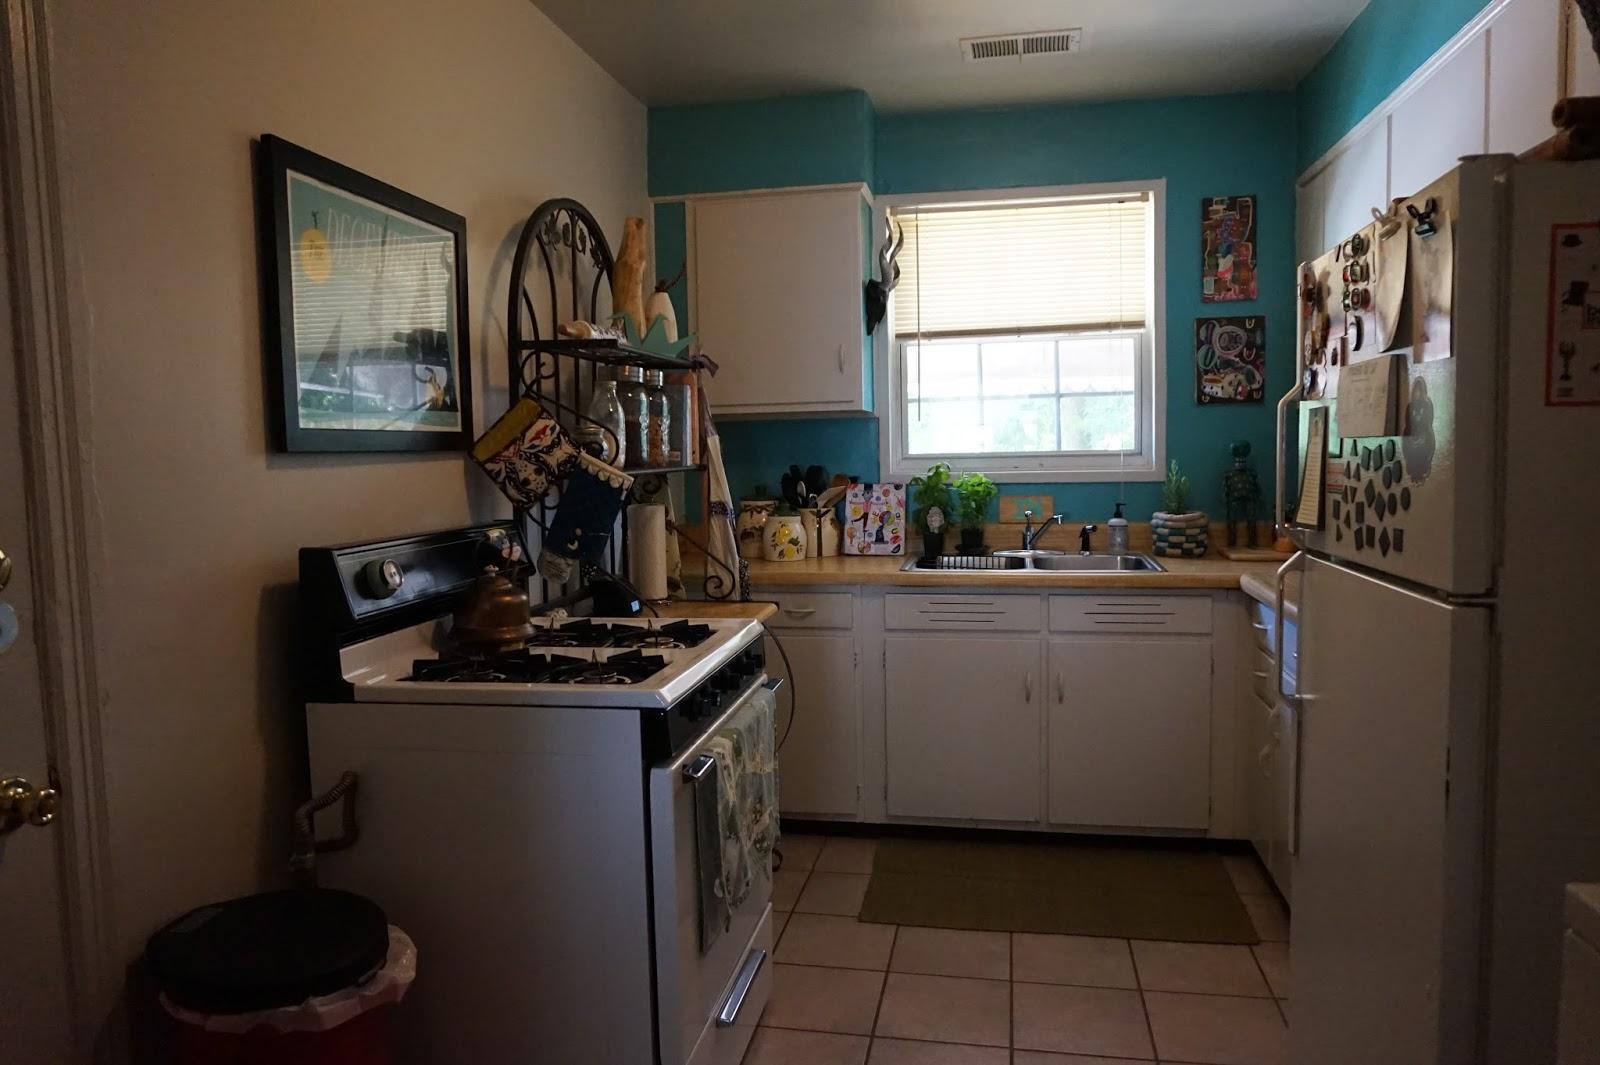 Chloe S Kitchen Cooling Rack Oven Safe